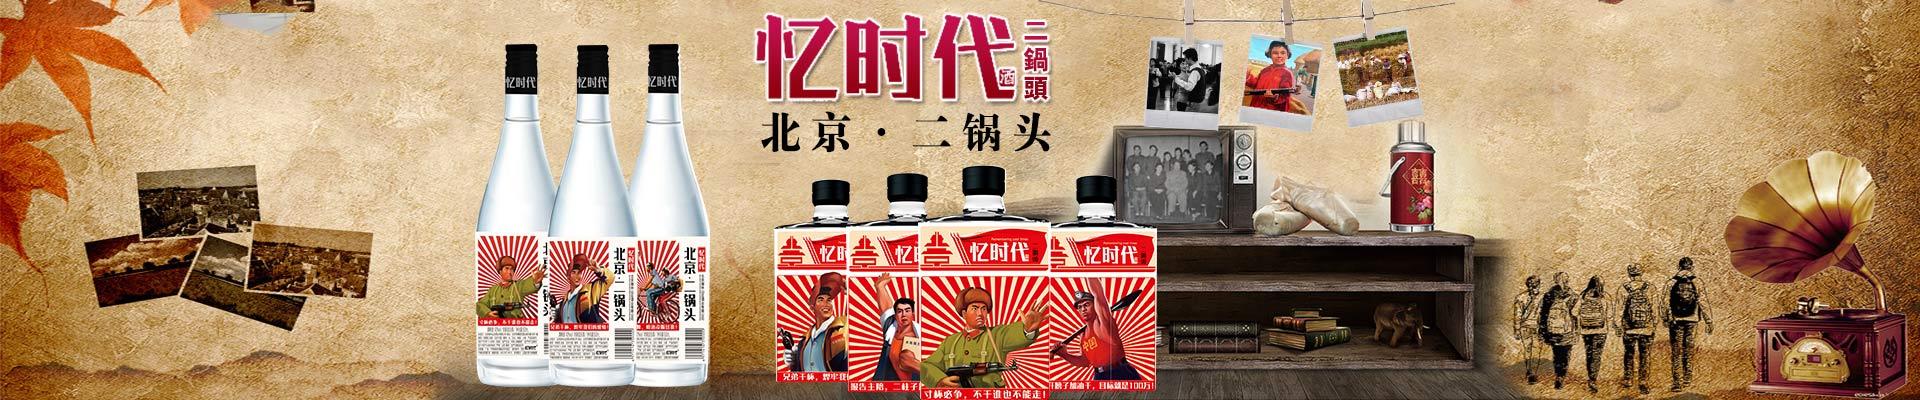 北京御林山庄酒业有限公司